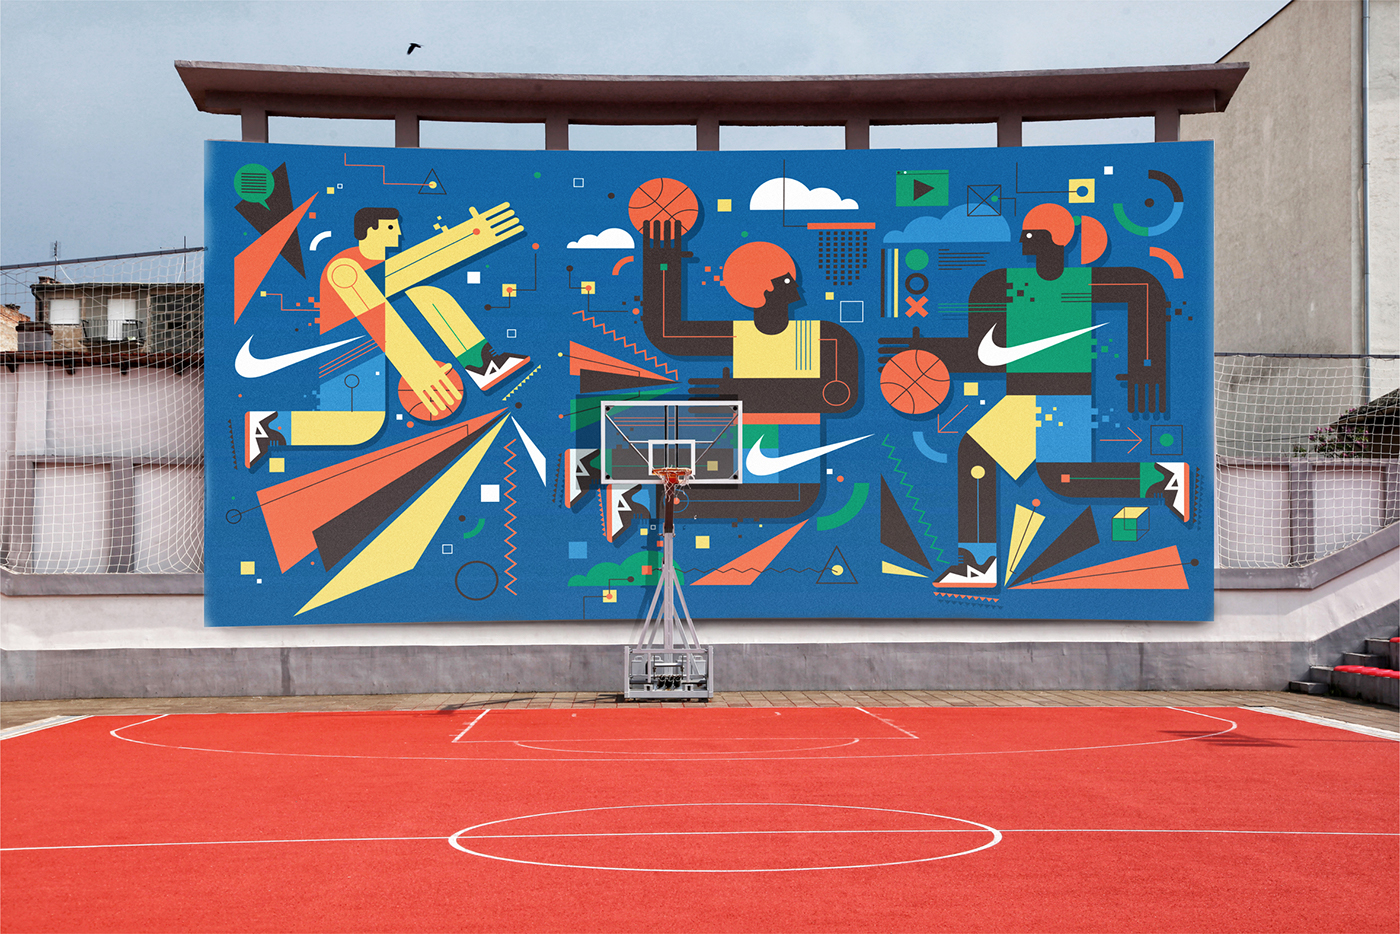 Neil stevens 39 colorfull murals for nike in barcelona for Basketball court wall mural